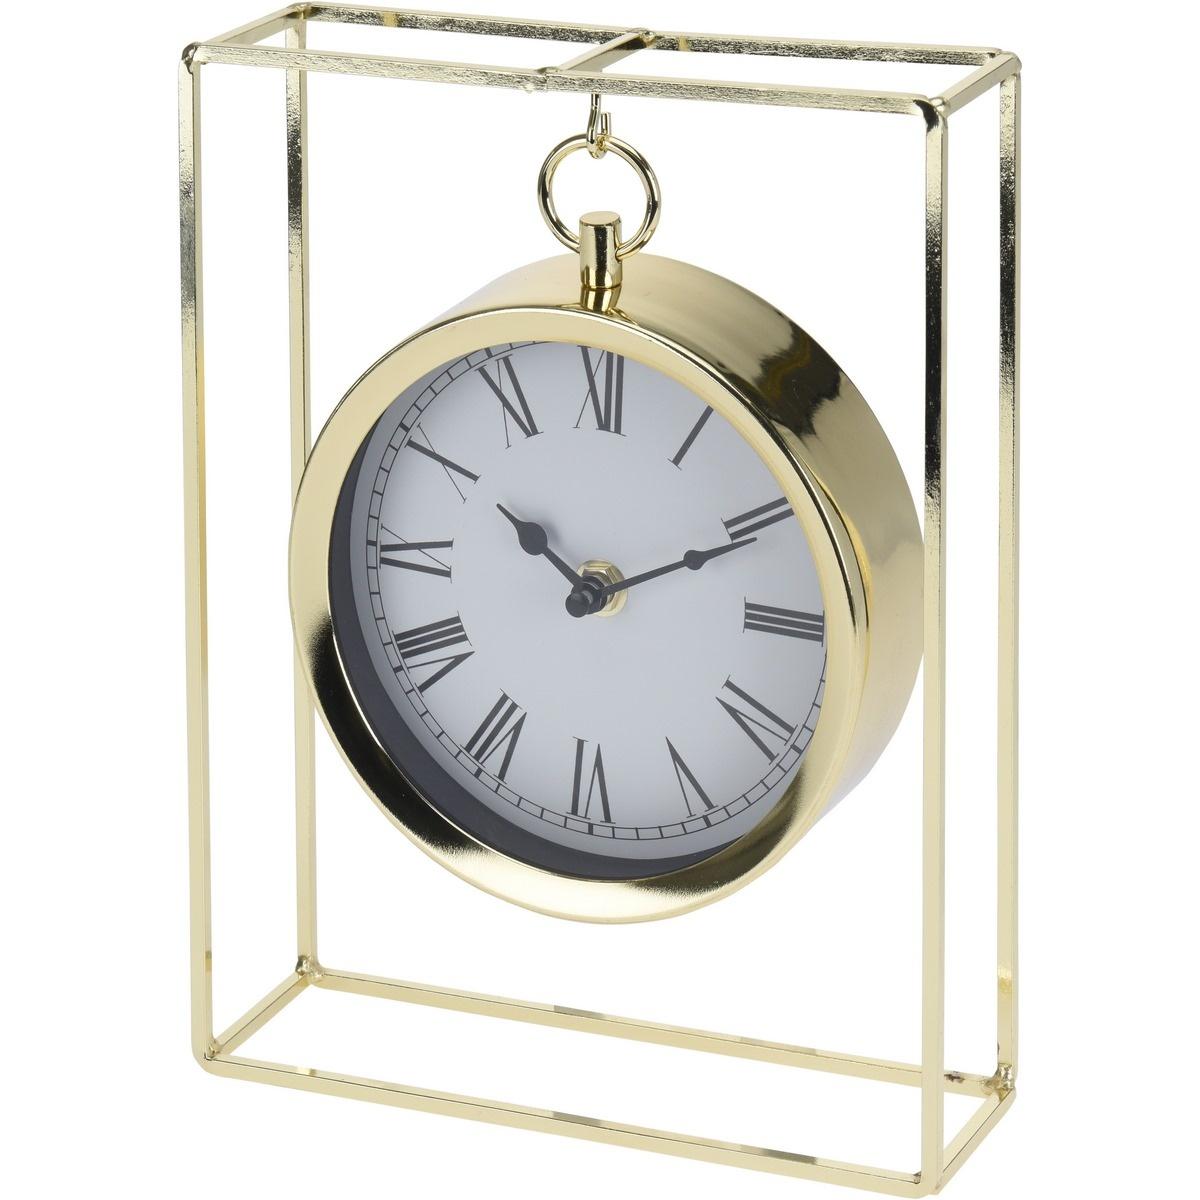 Stolní hodiny Erada zlatá, 18,8 x 5,8 x 25 cm